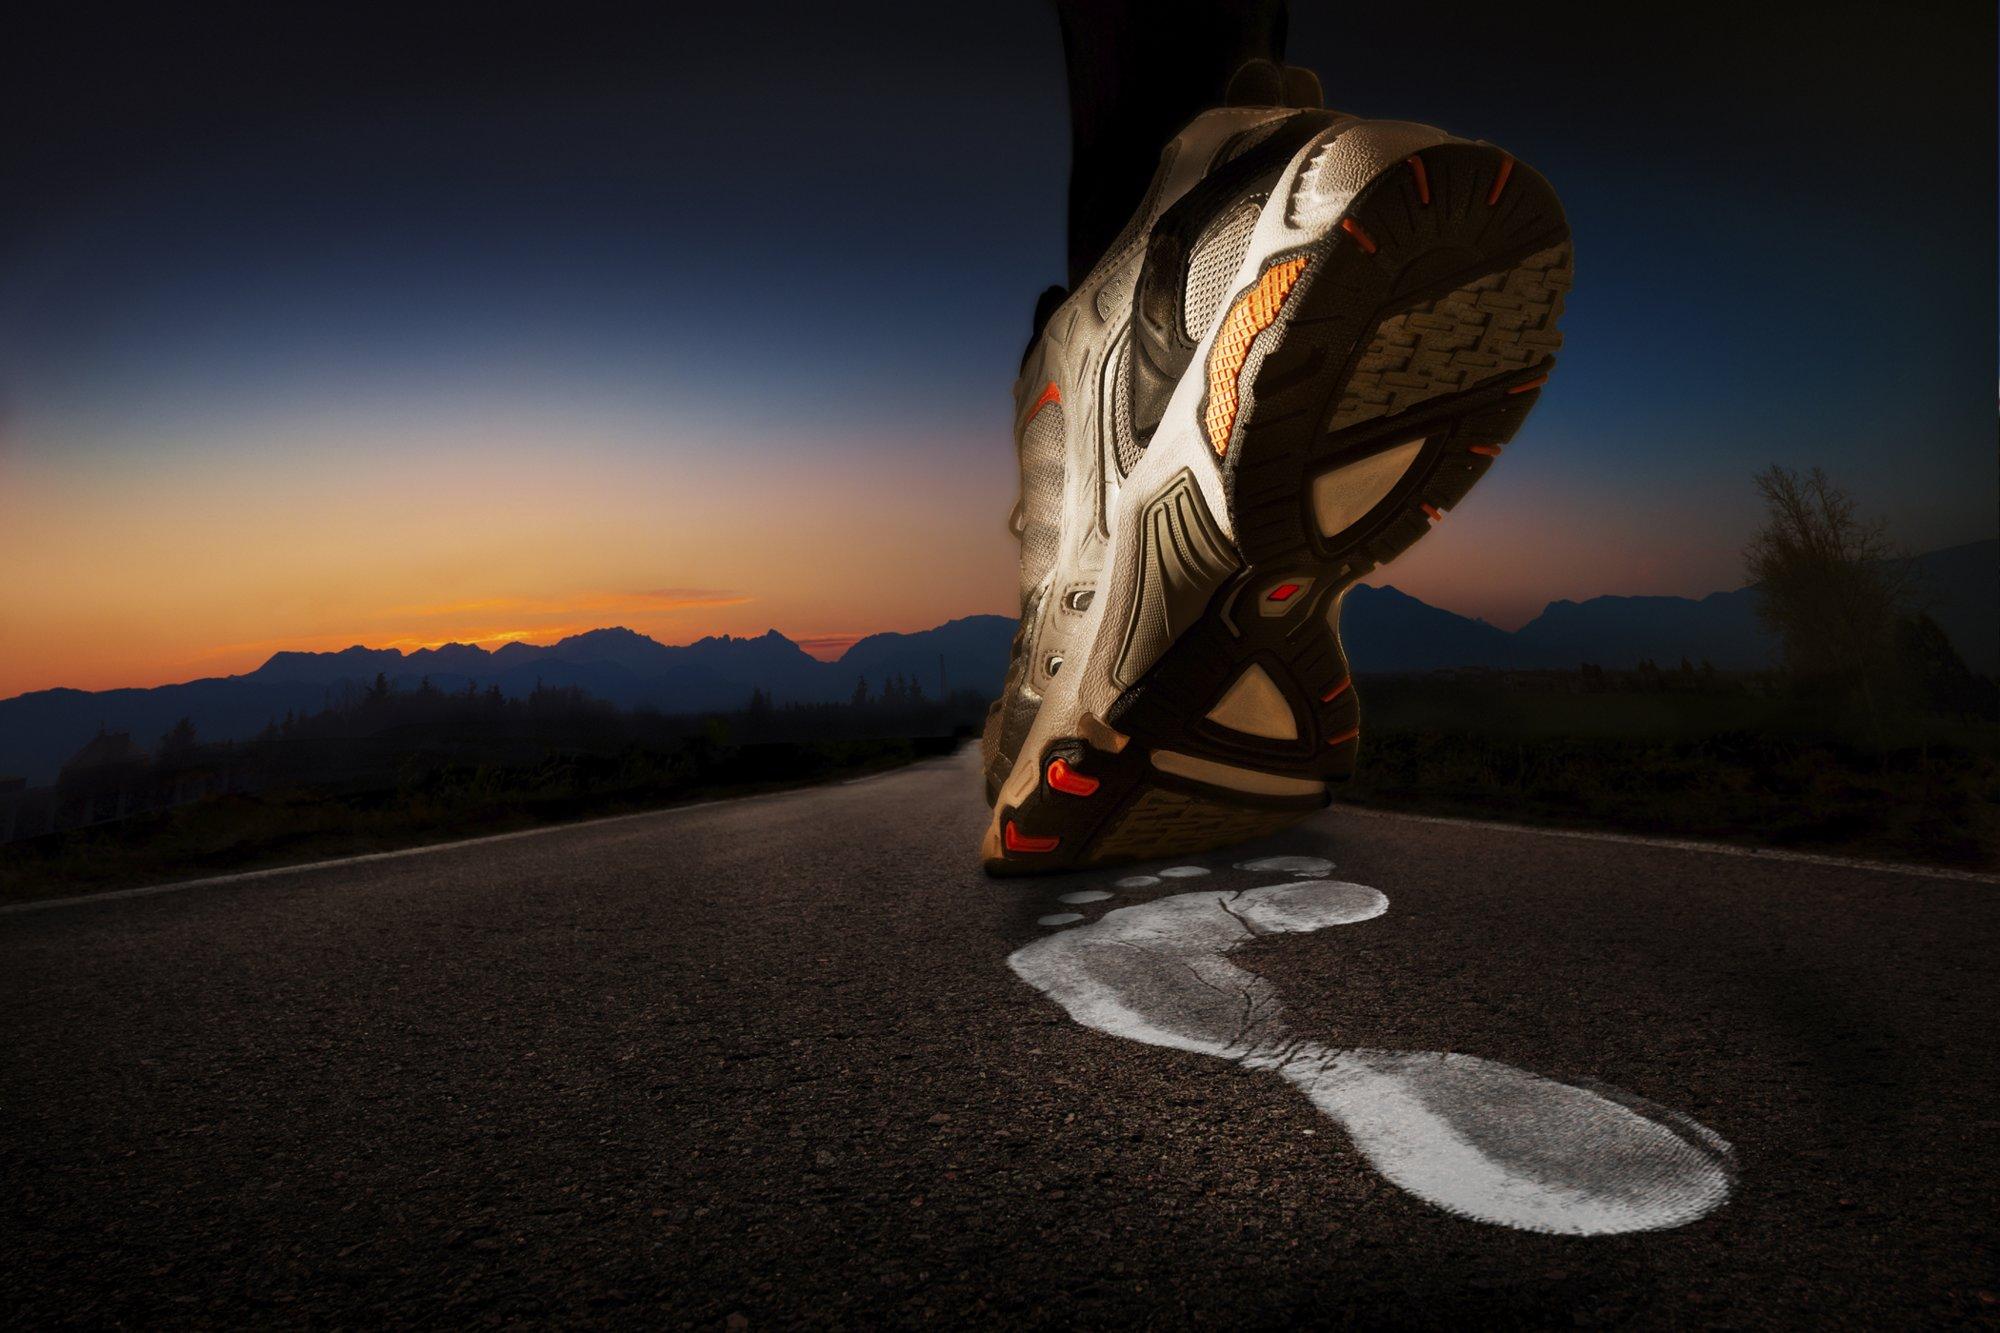 Еволюція бігових кросівок: від простої гумової підошви до 3D-матеріалів